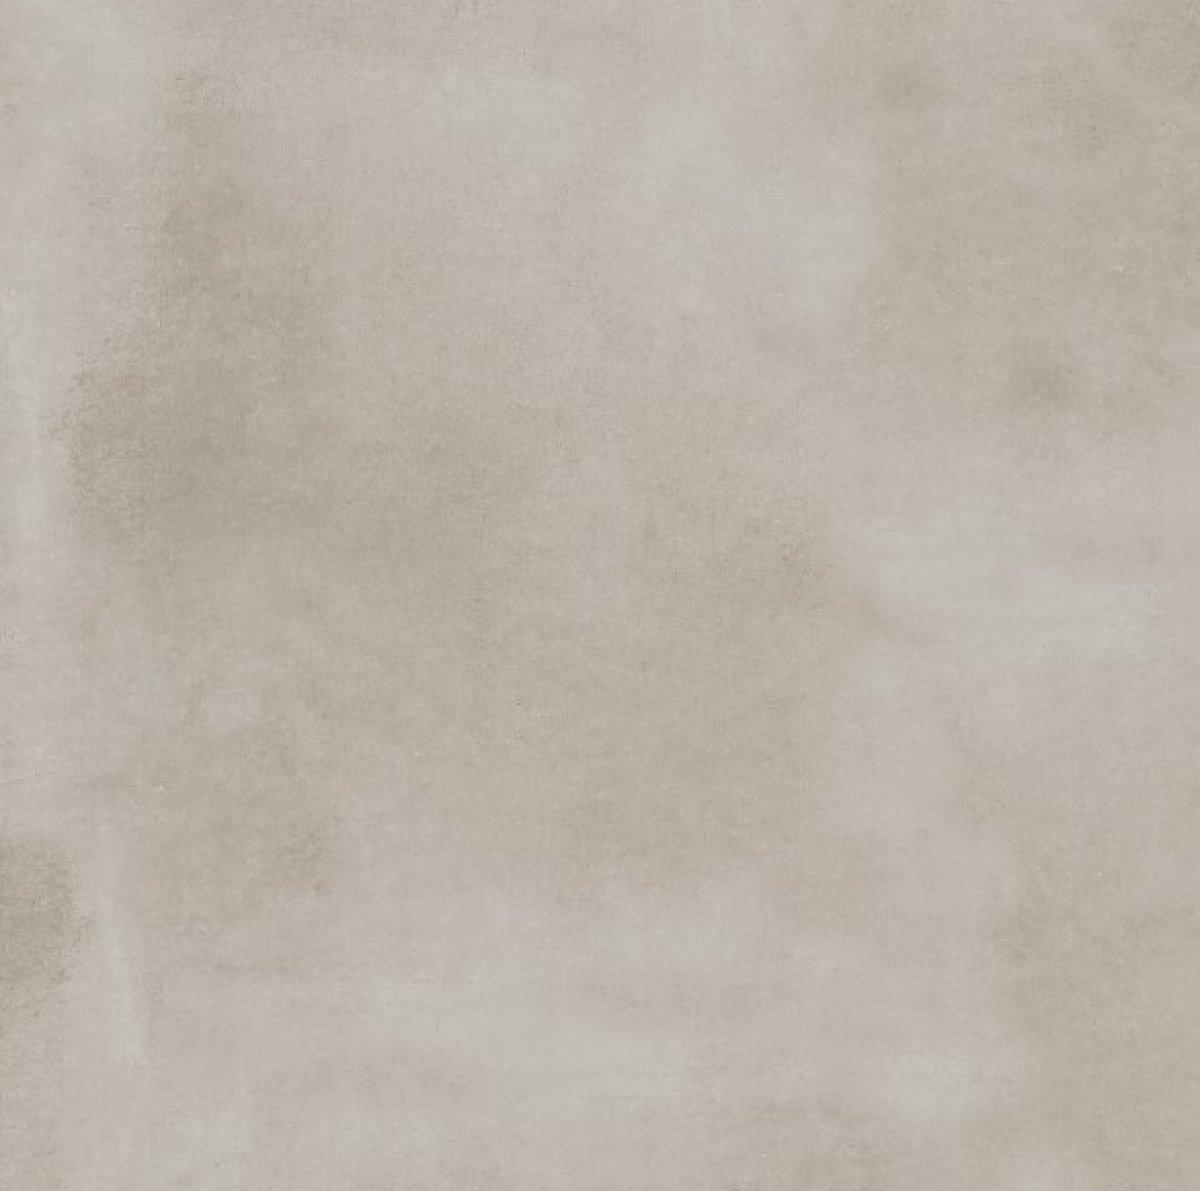 Zdjęcie Płytka podłogowa Limone Town Soft Grey 60×60 limTowSofGre60x60